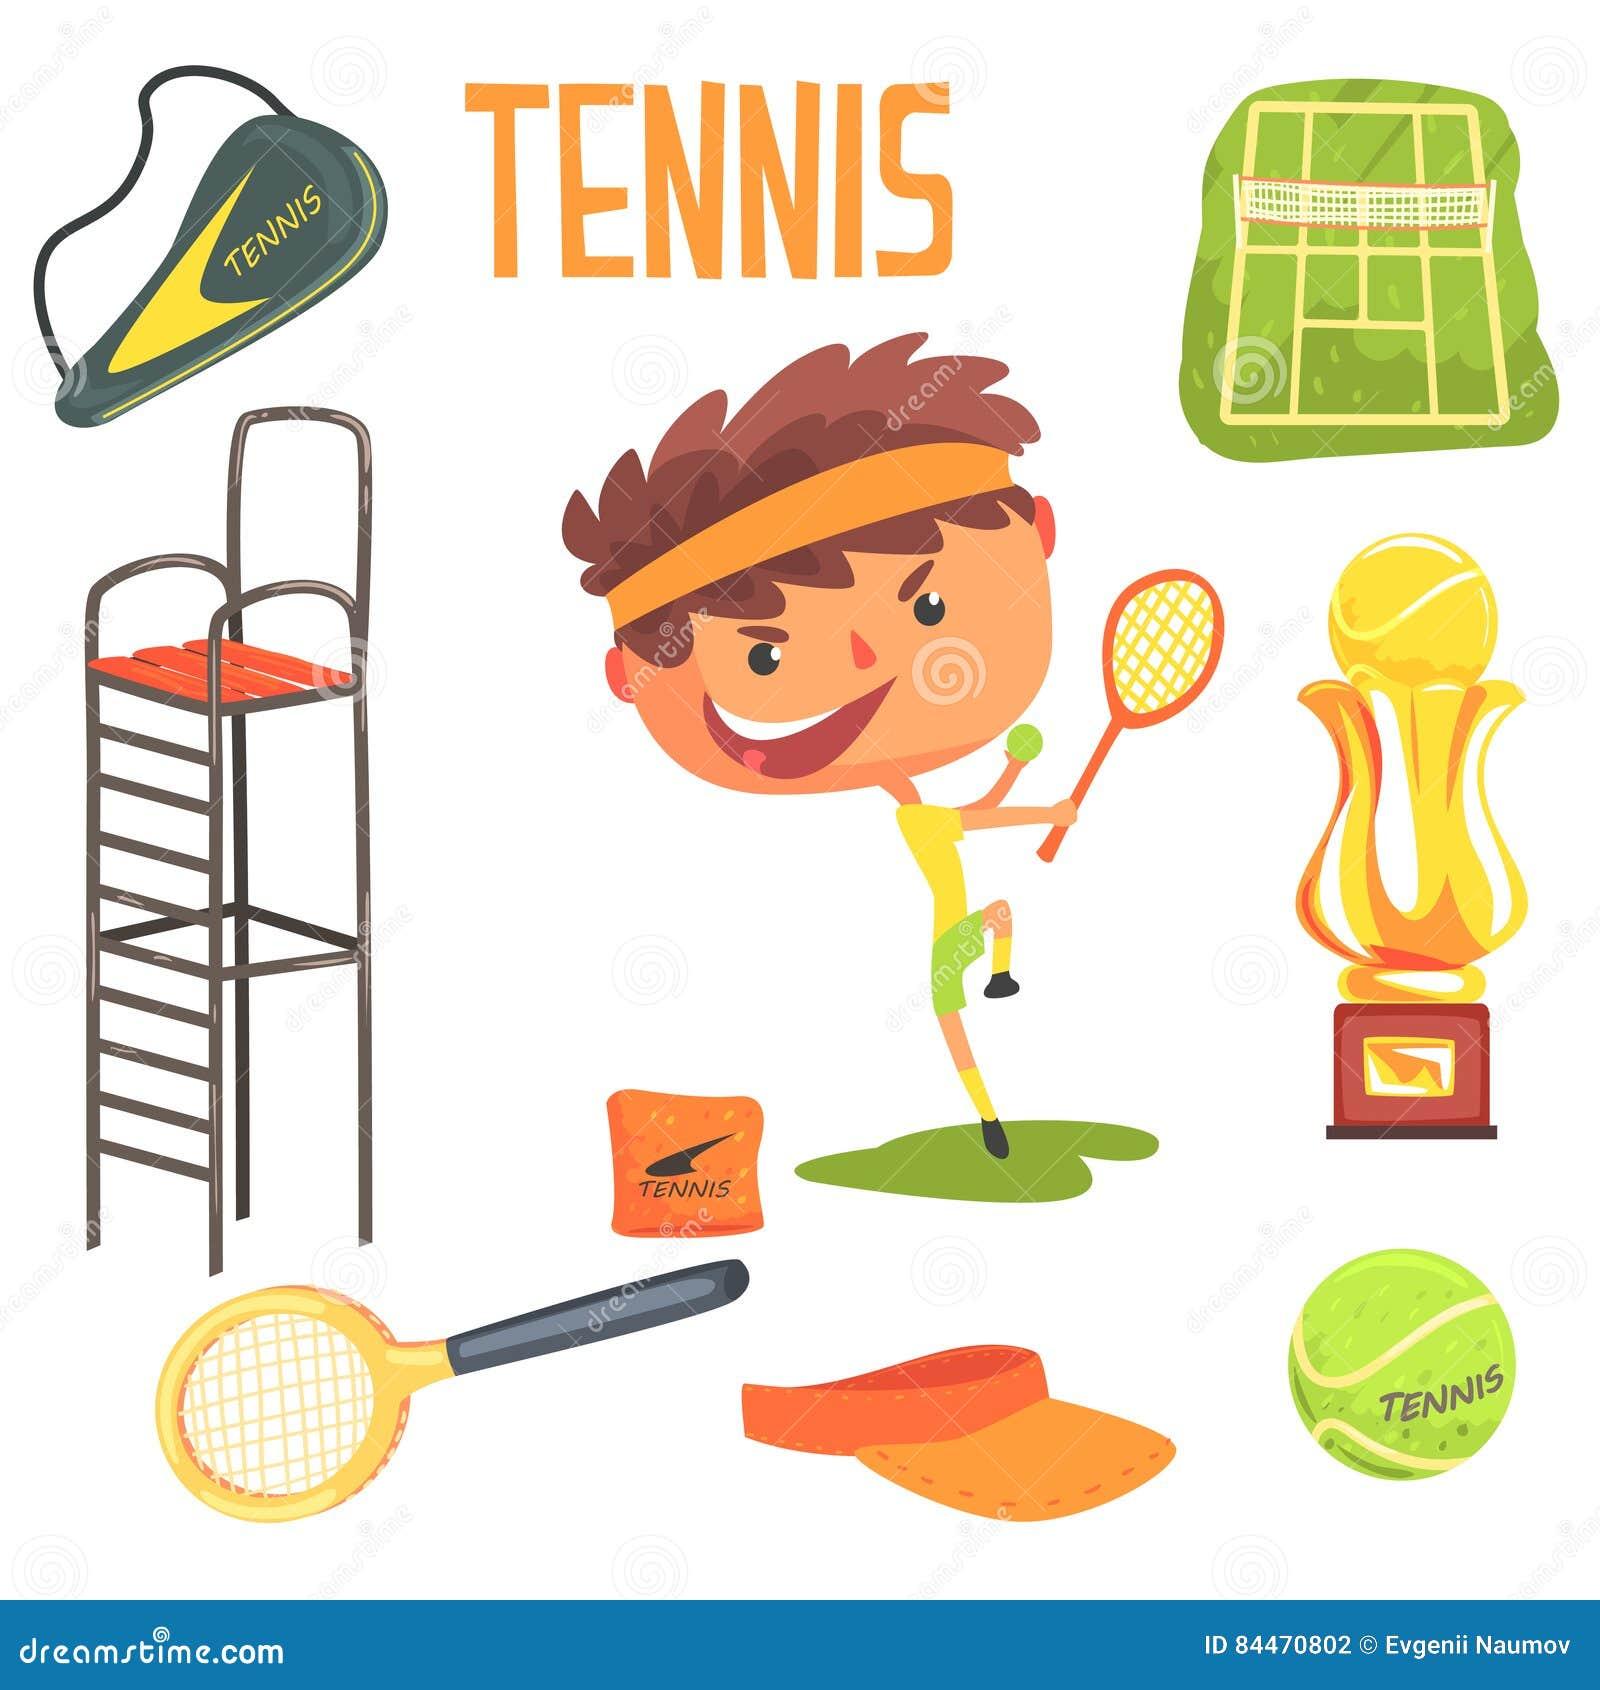 Τενίστας αγοριών, παιδιών μελλοντική απεικόνιση επαγγέλματος ονείρου επαγγελματική με σχετικός με τα αντικείμενα επαγγέλματος